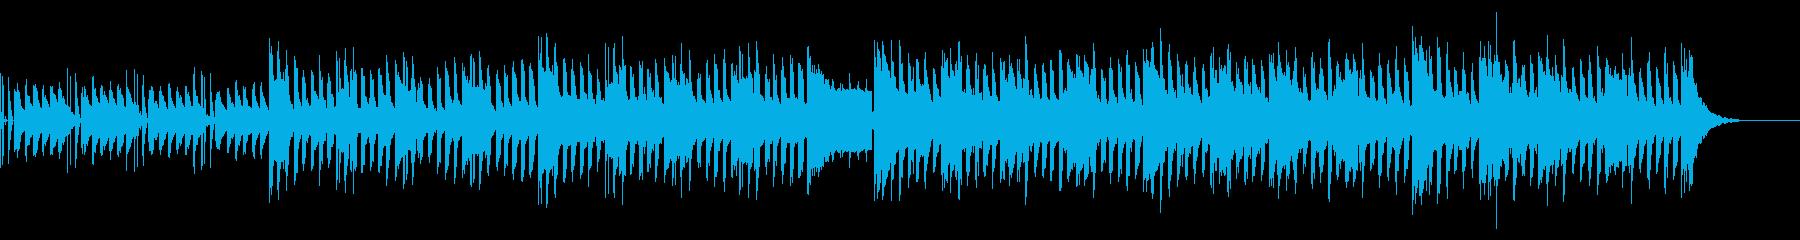 未来的なサウンドと脈打つシンセが、...の再生済みの波形